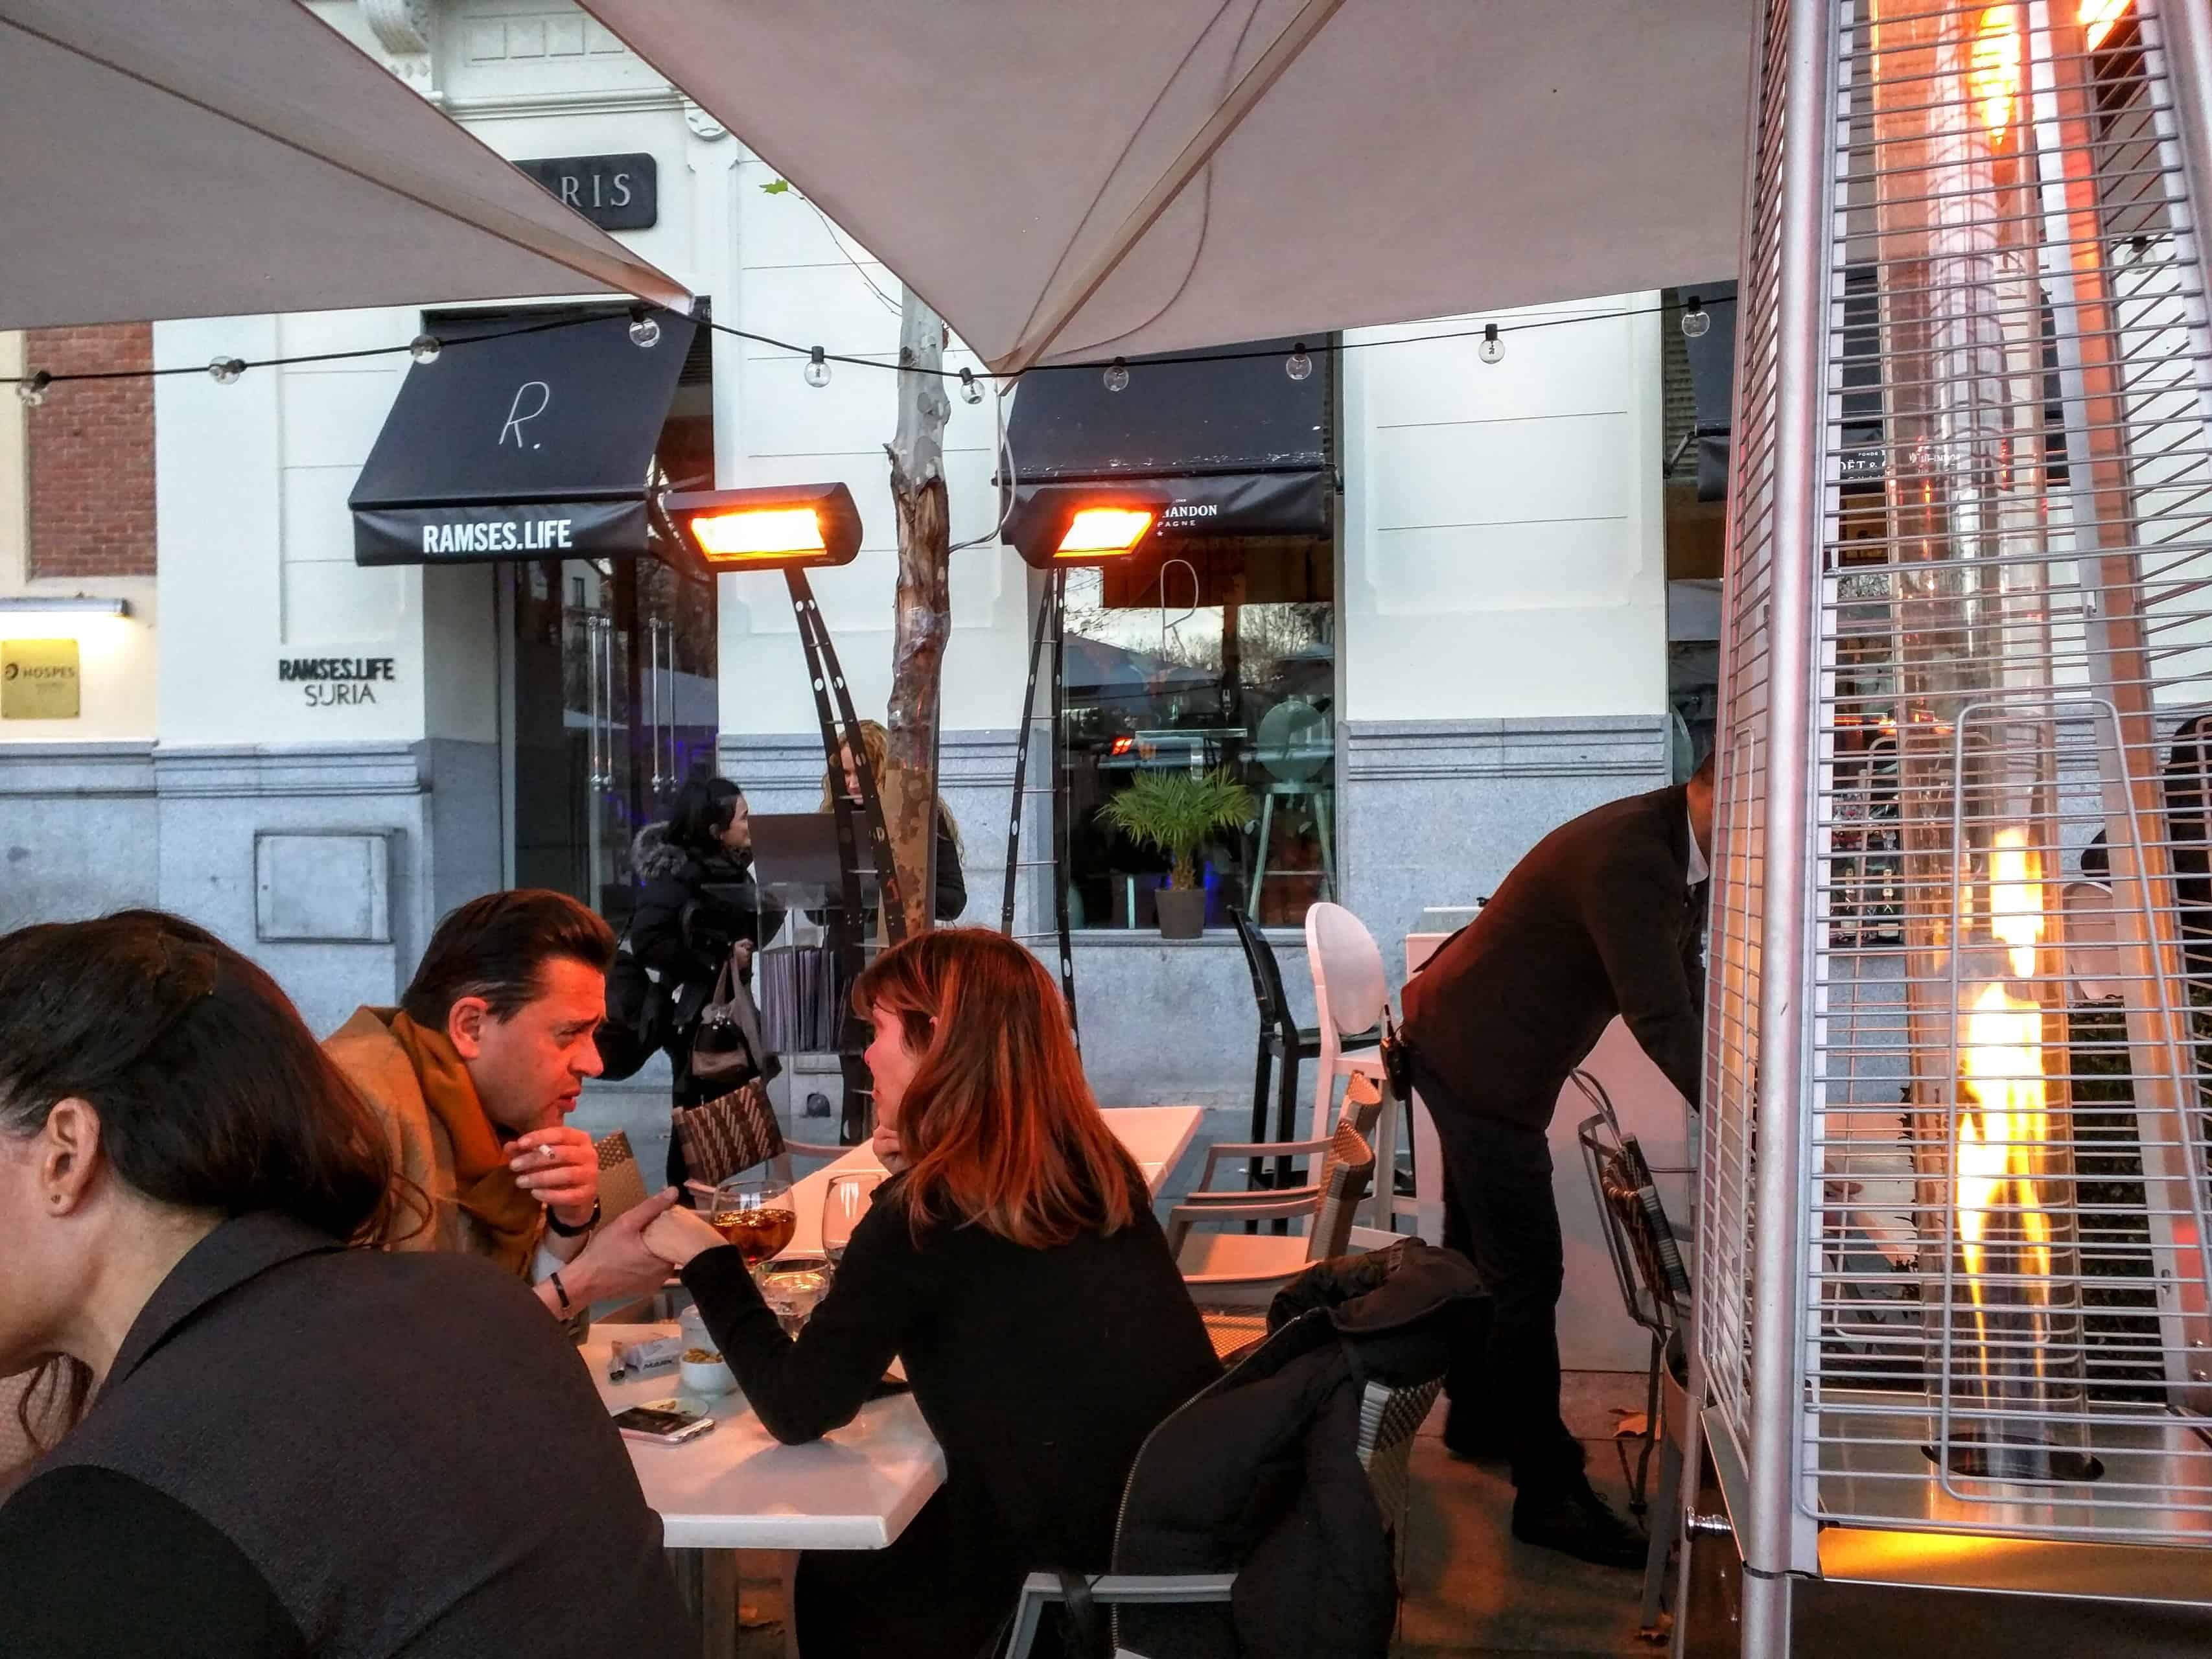 Restaurante Ramses Life, em Madri: área das mesas externas